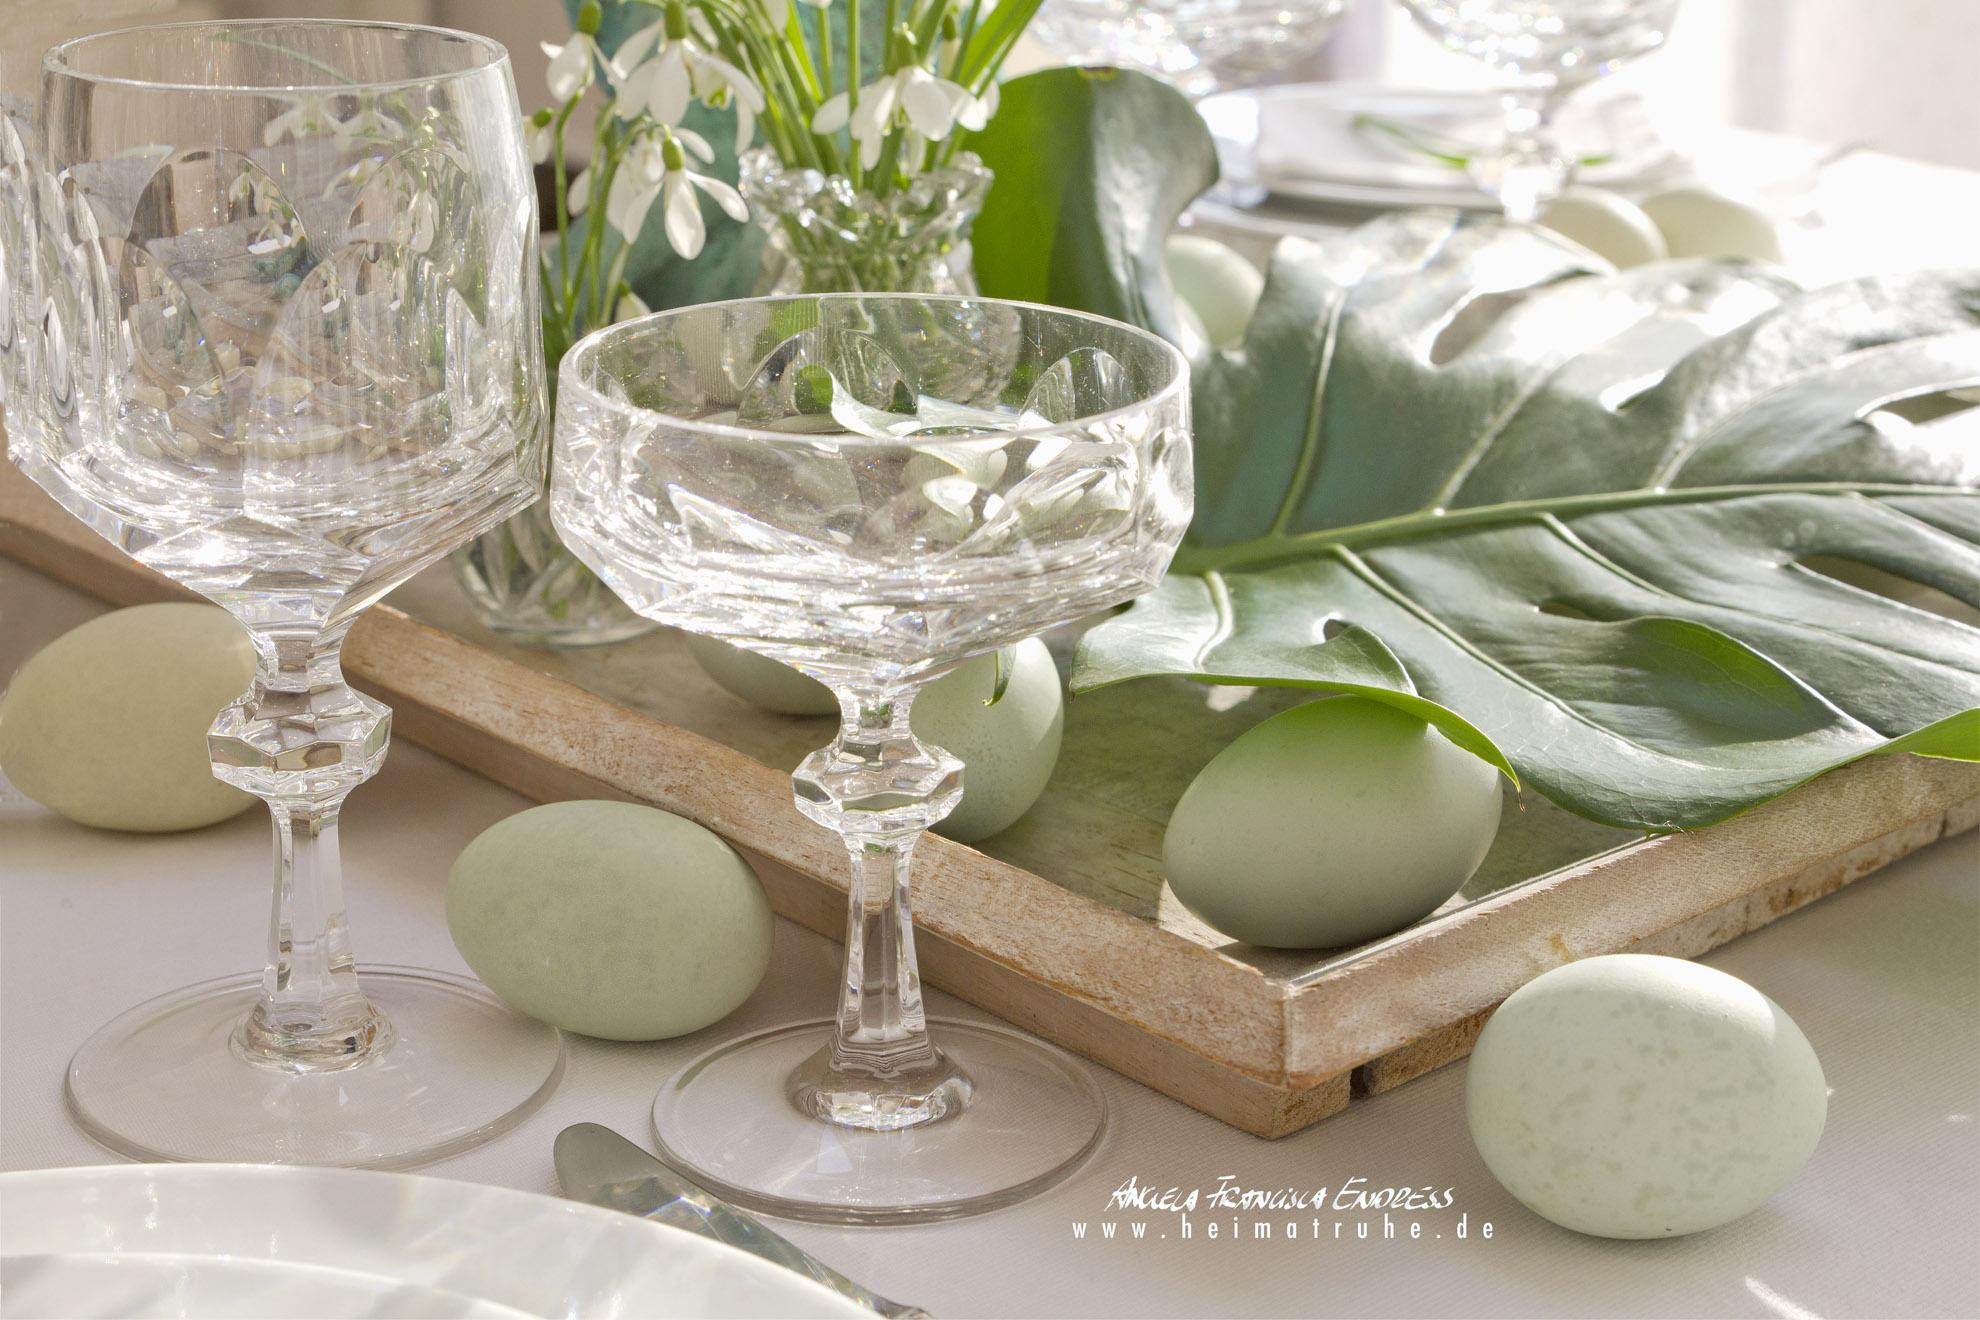 Gedeckter Tisch mit Schneeglöckchen, Philodendron und Grünen Eiern von Araucana Hühner